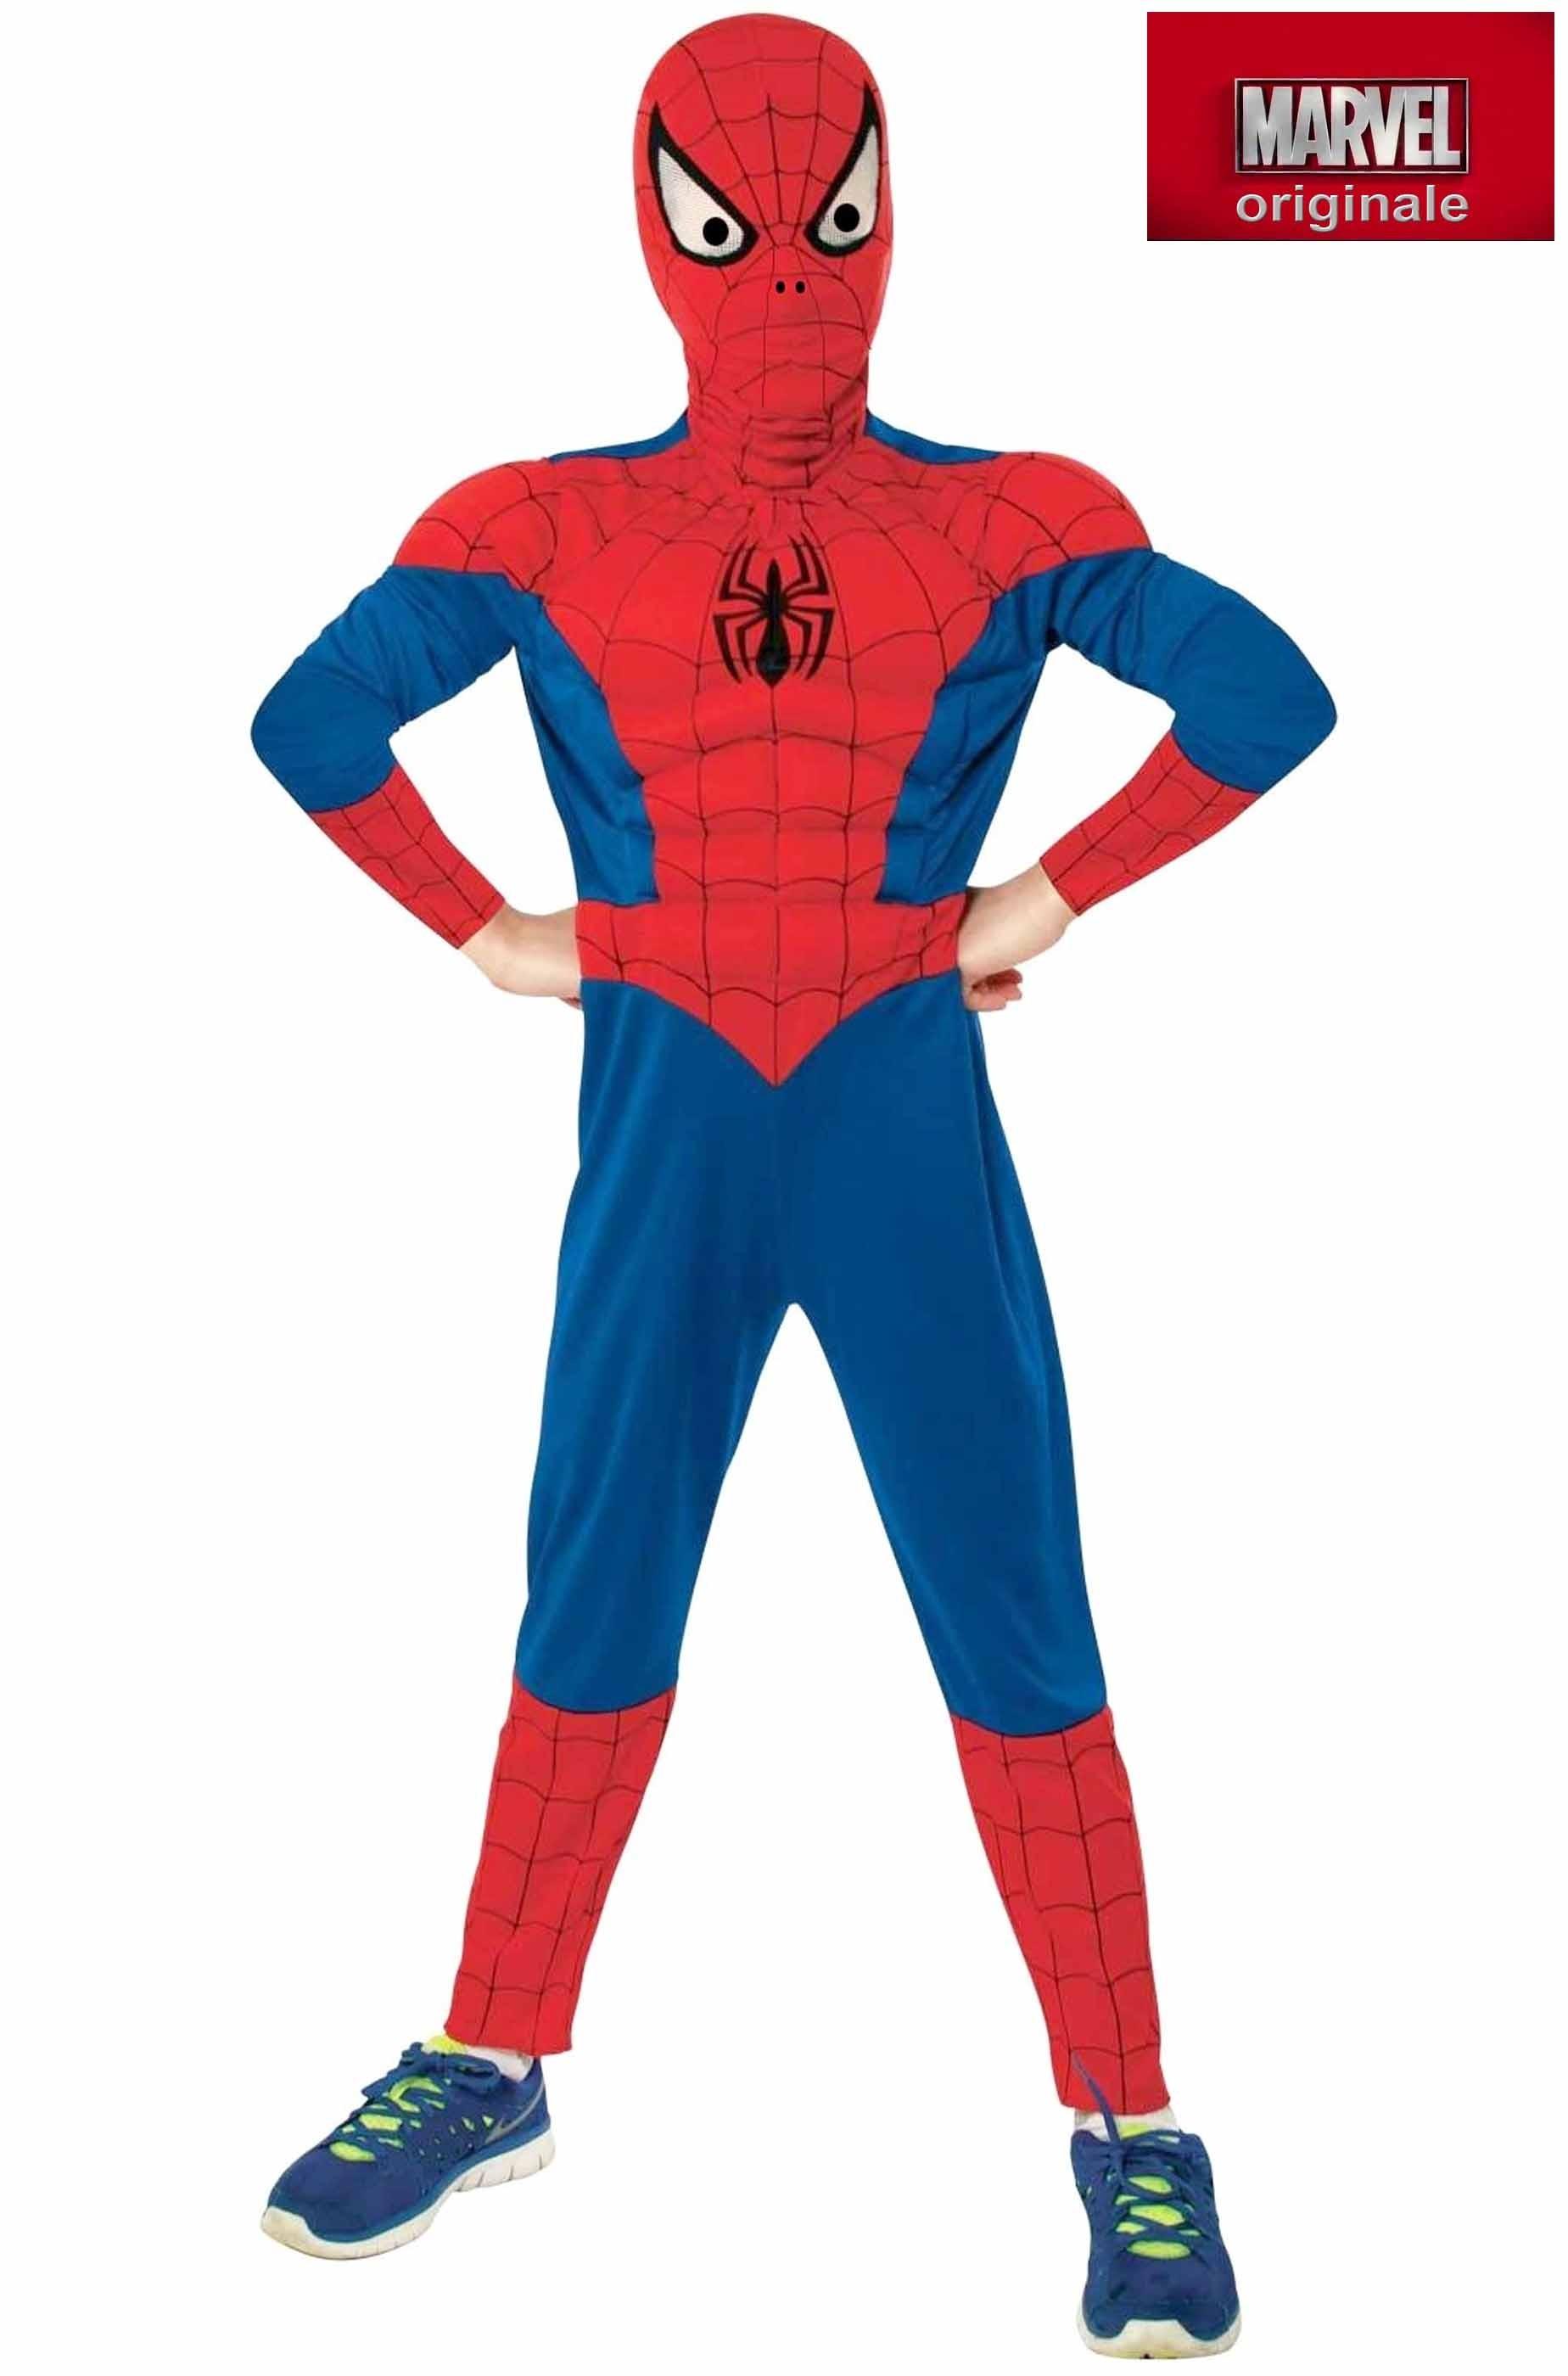 dettagli per meglio colore attraente Costume carnevale Bambino Spiderman Originale De Luxe con muscoli